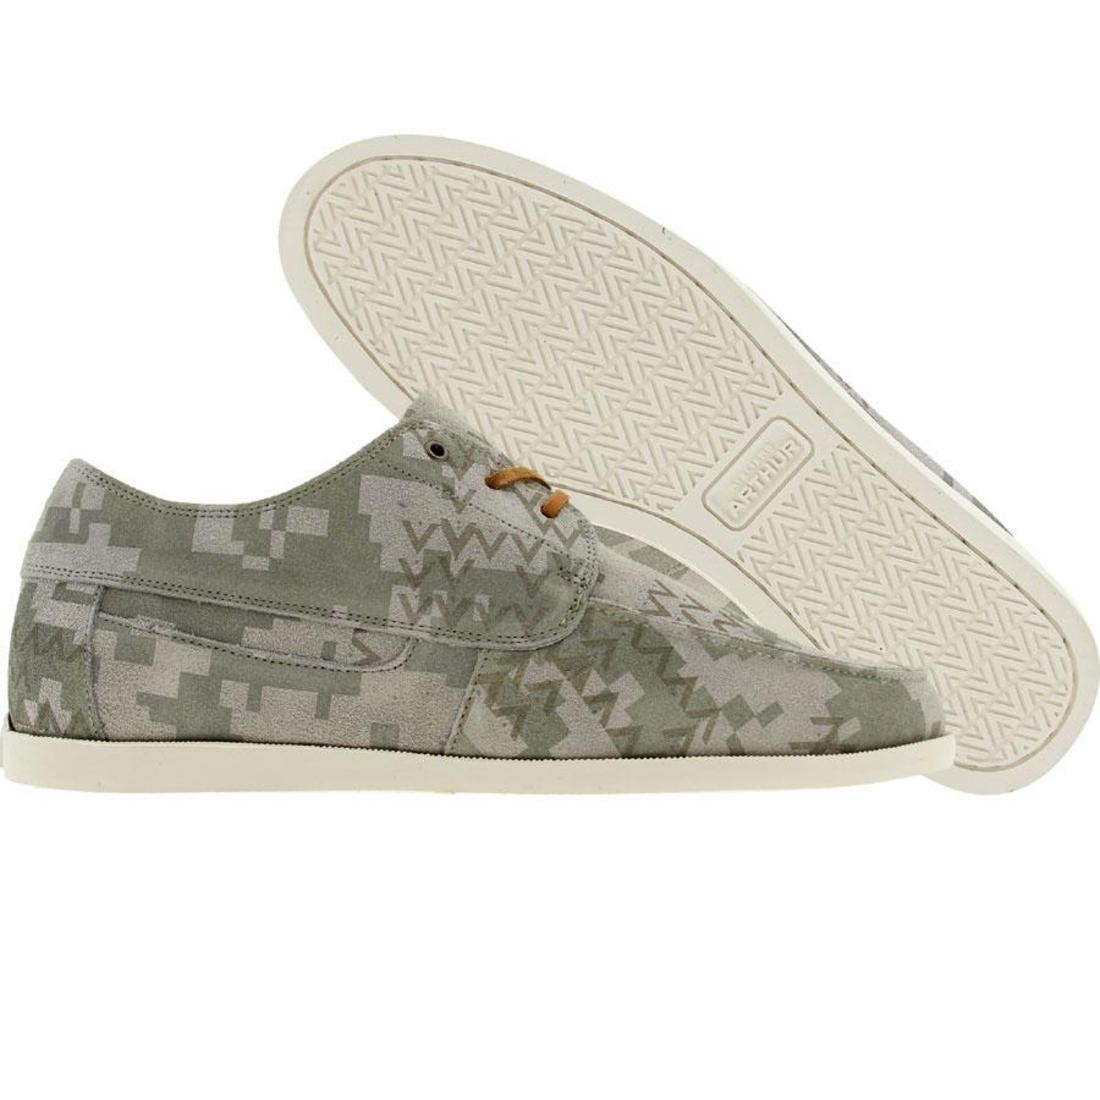 【海外限定】G.O.D. メンズ靴 靴 【 ATELIERS ARTHUR CAMOUFLAGE 】